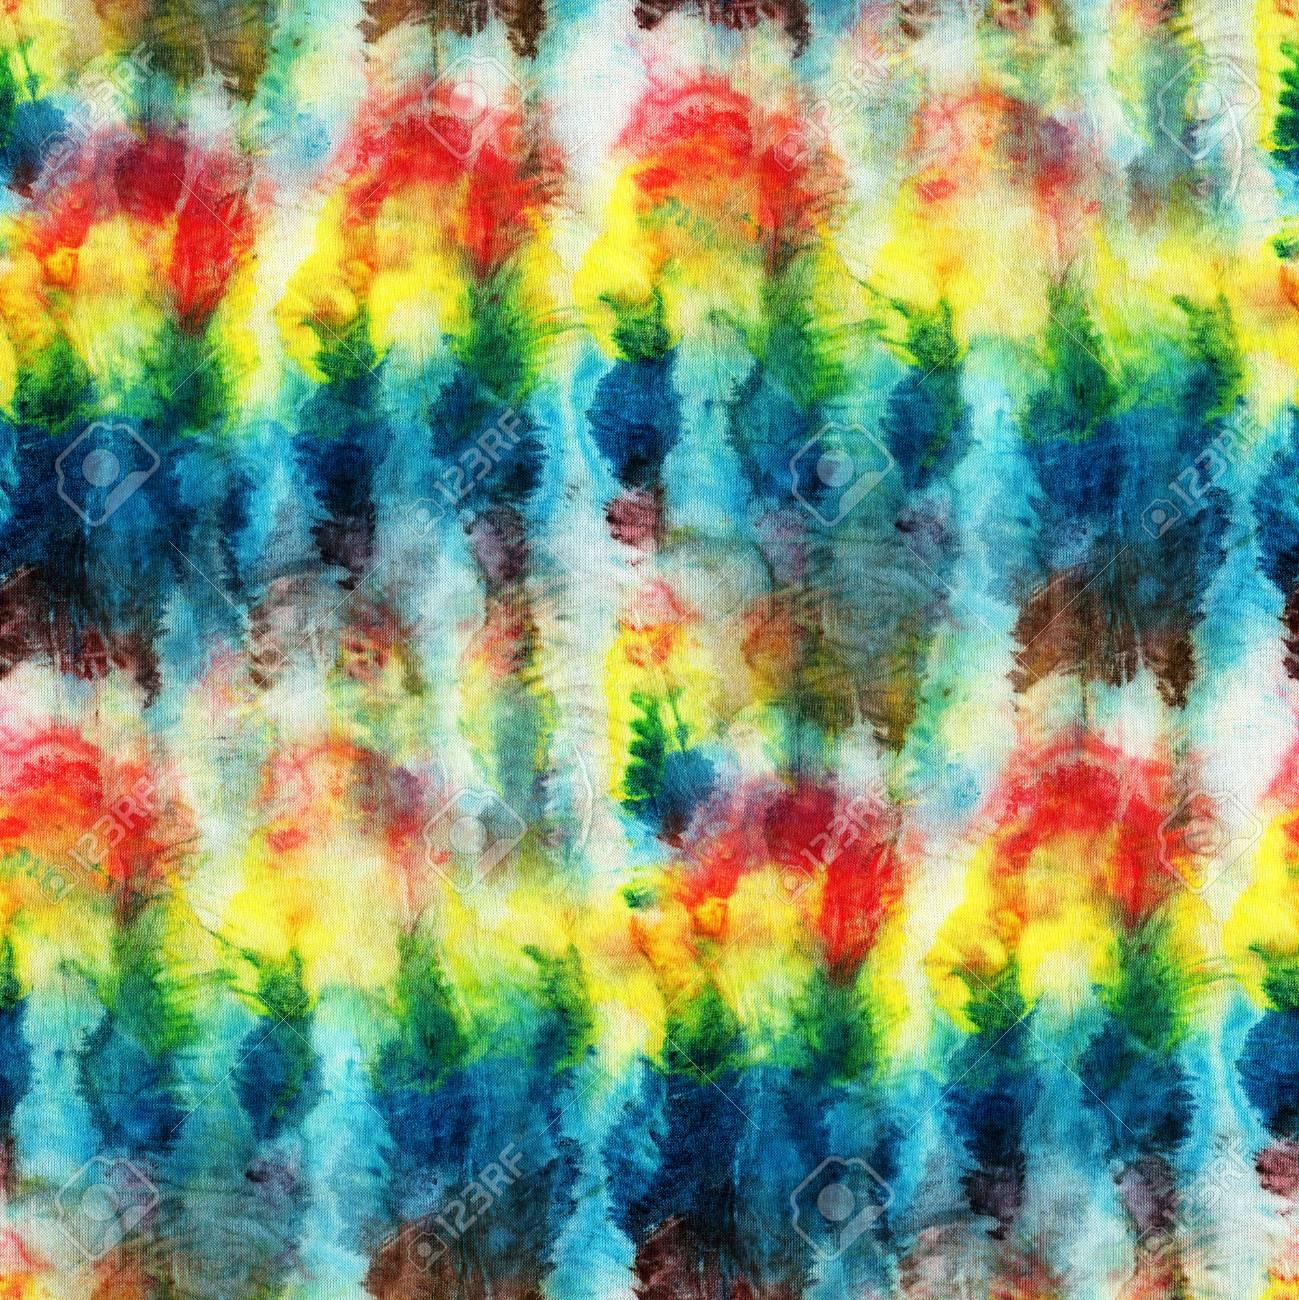 Stoffe Färben nahtloses batikmuster handmalerei stoffe knotige batik shibori